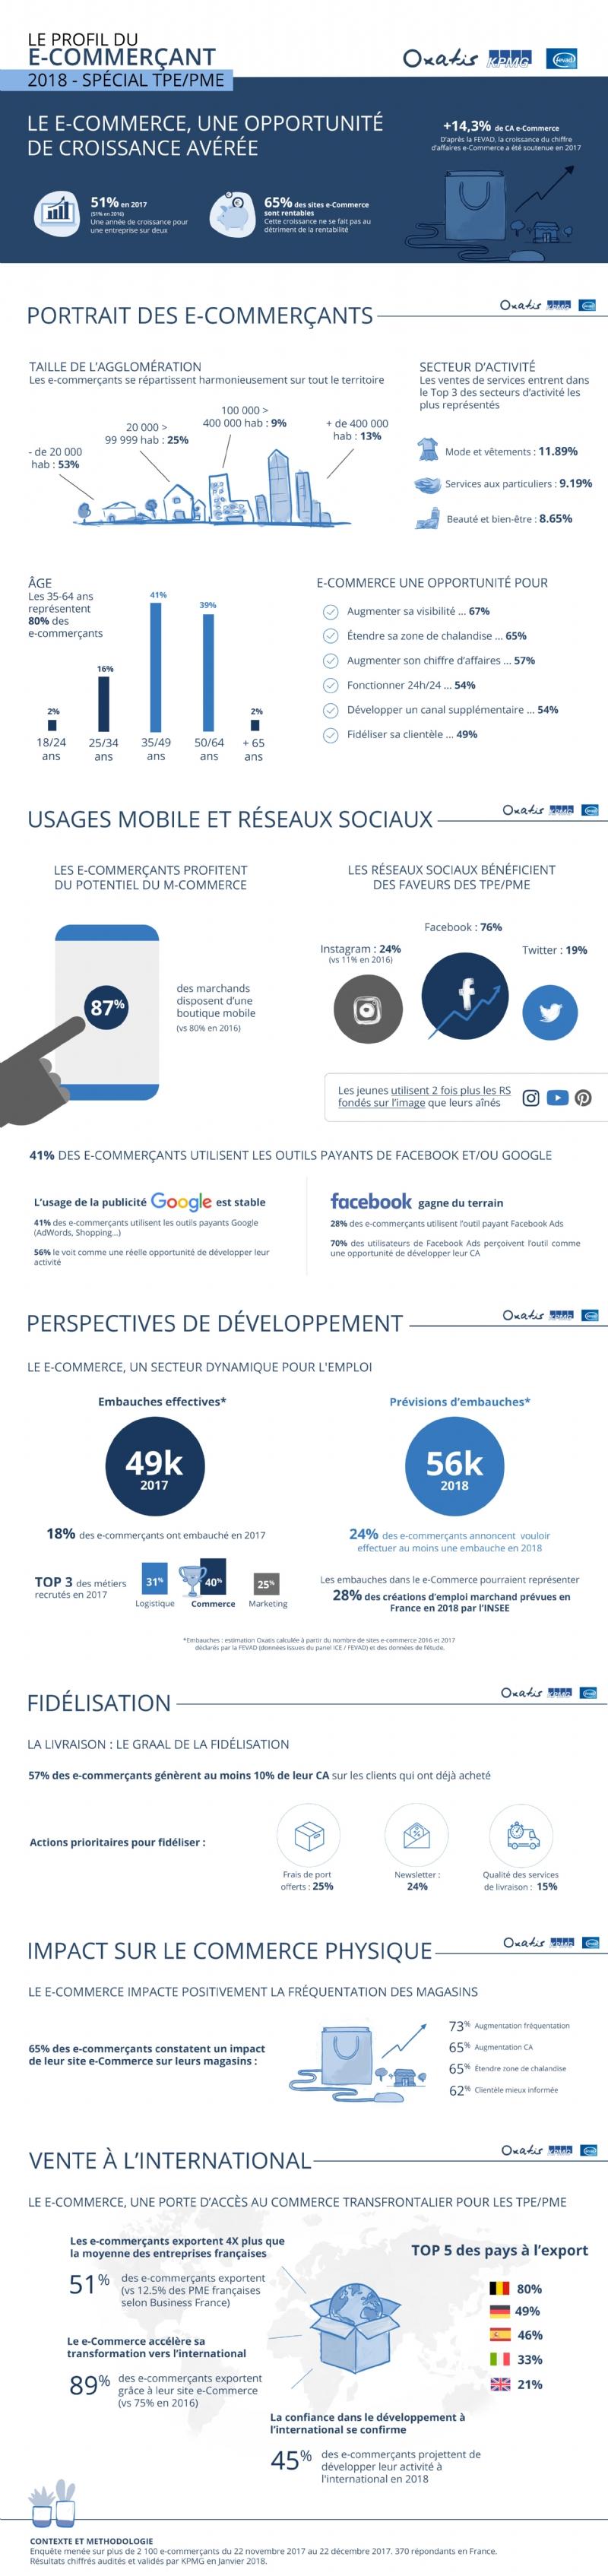 Le profil du e-commerçant 2018 Spécial TPE/PME réalisé par Oxatis, KPMG et la Fevad, février2018